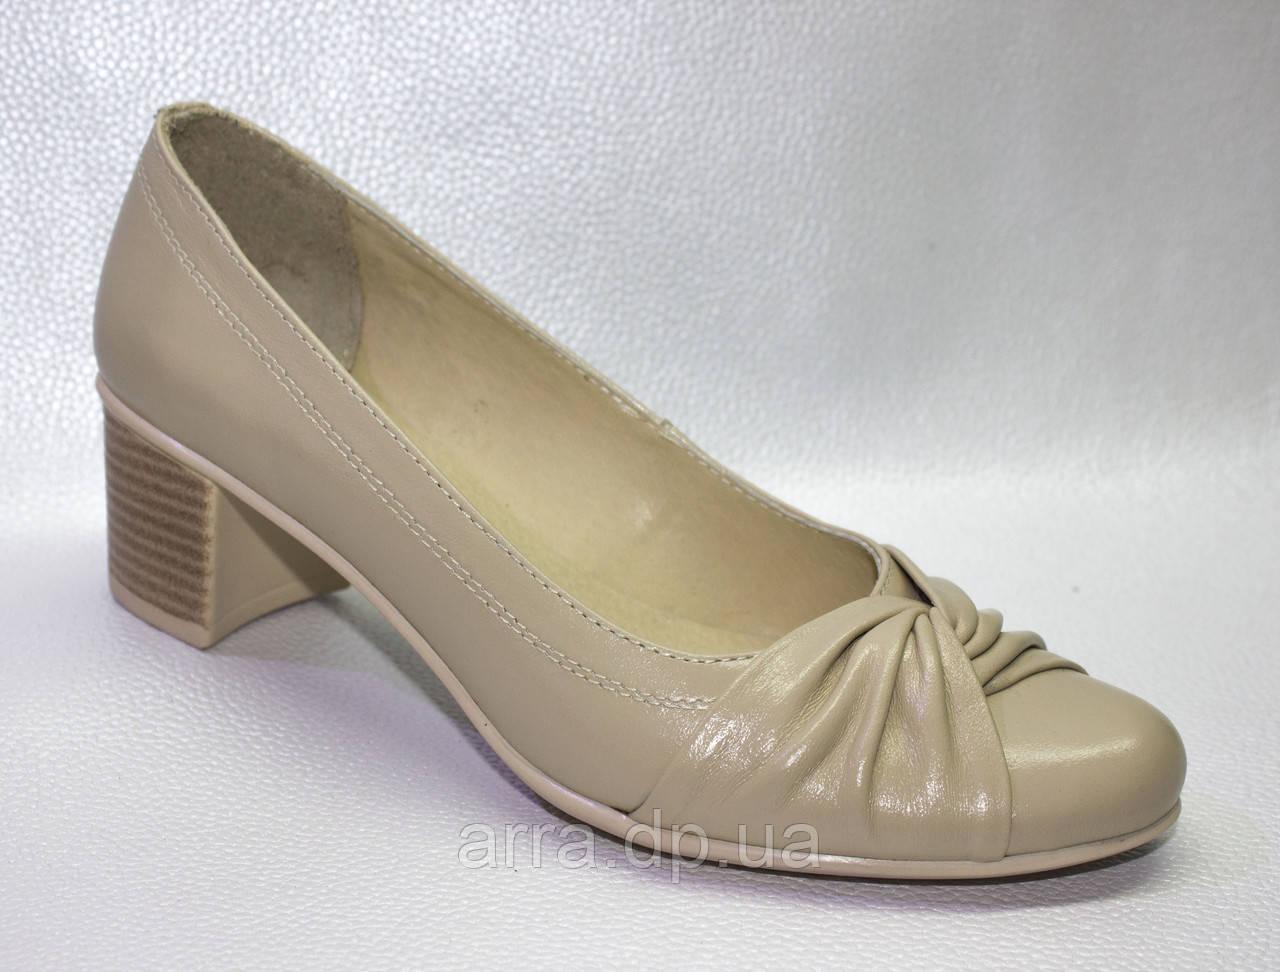 Бежевые туфли классика.